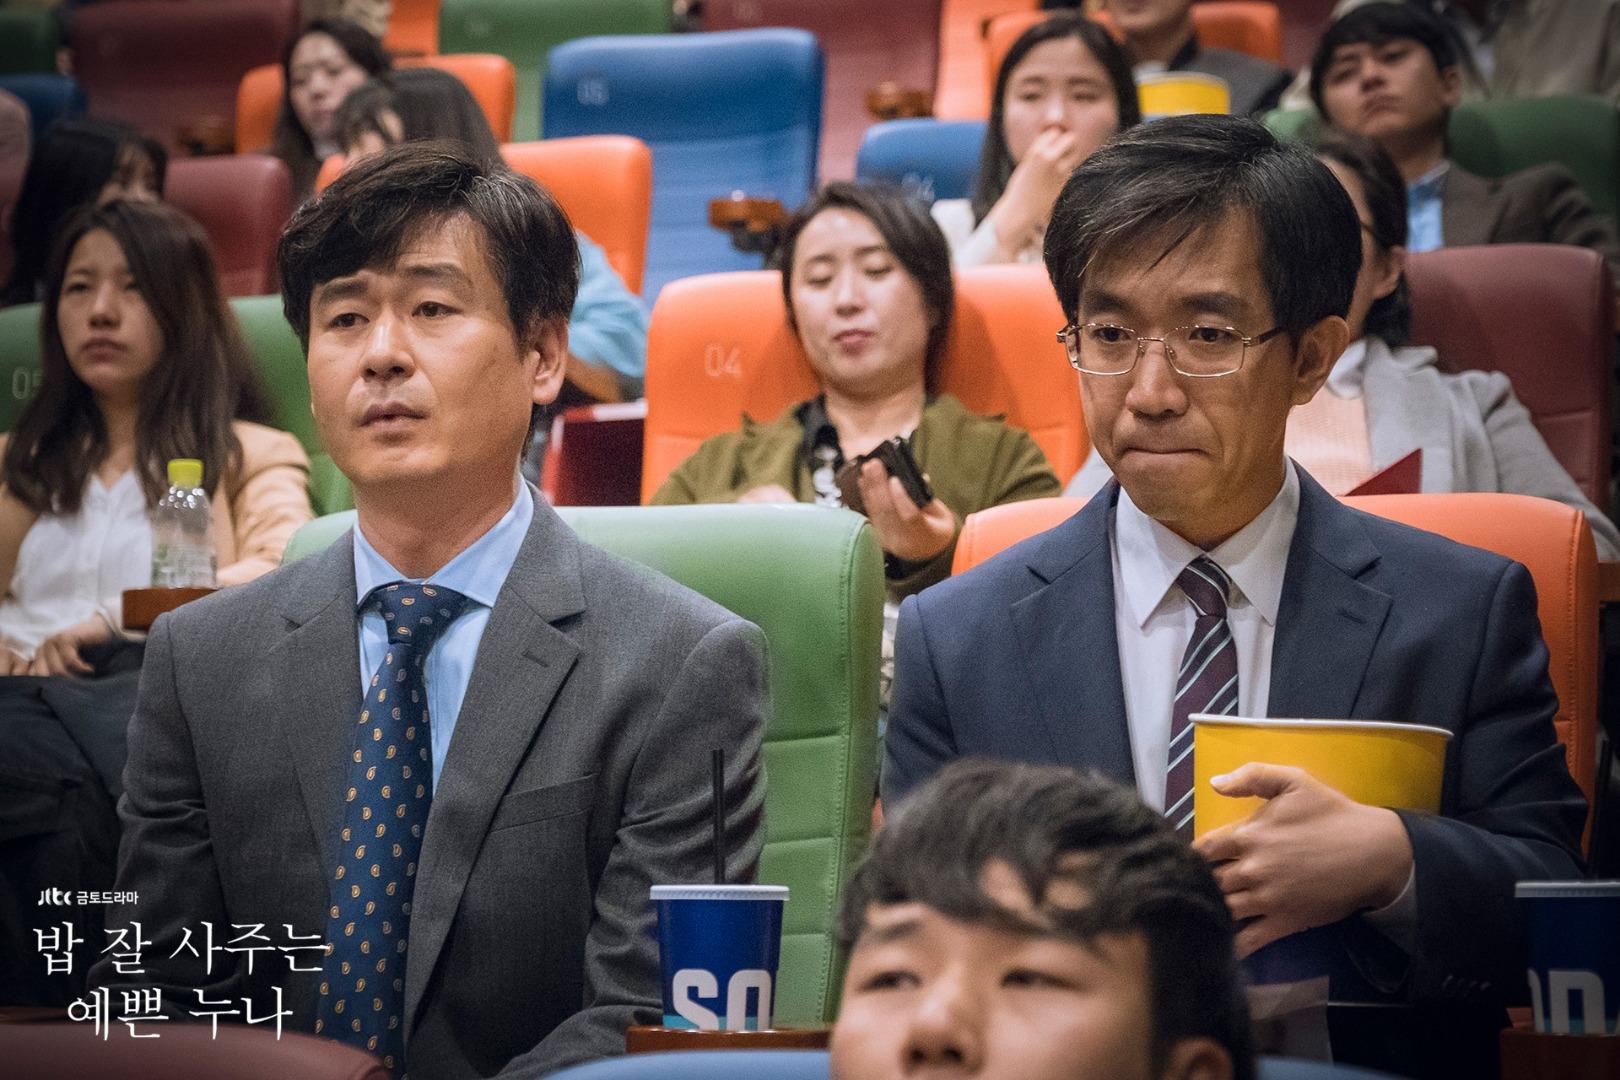 Xã hội Hàn Quốc và những góc khuất đang được khắc hoạ rõ nét trong tác phẩm